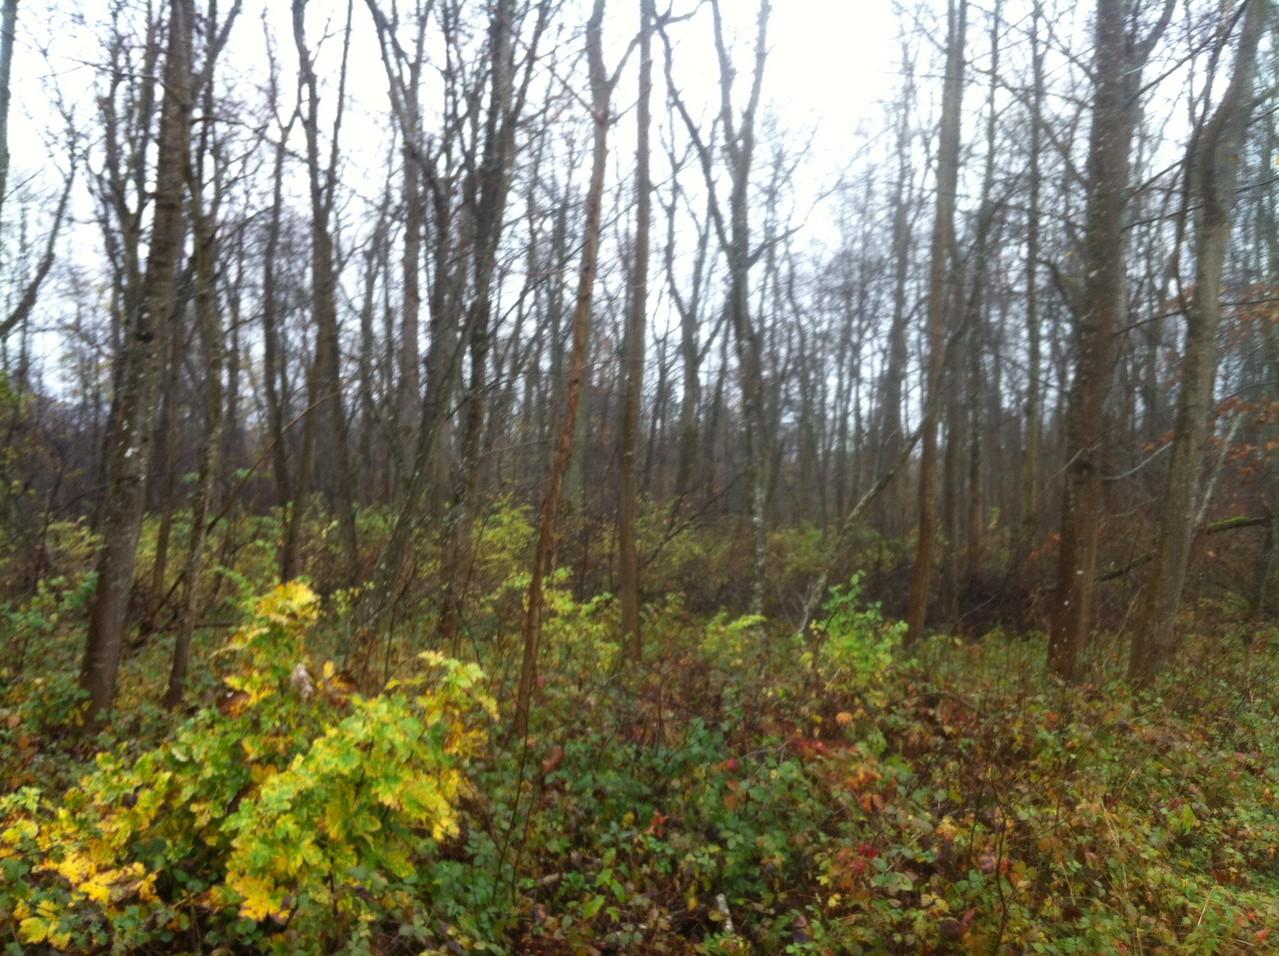 einen kleinen Bildlichen Einblick in die verregnete 10km Strecke in Leipheim  - Fotos K.K.